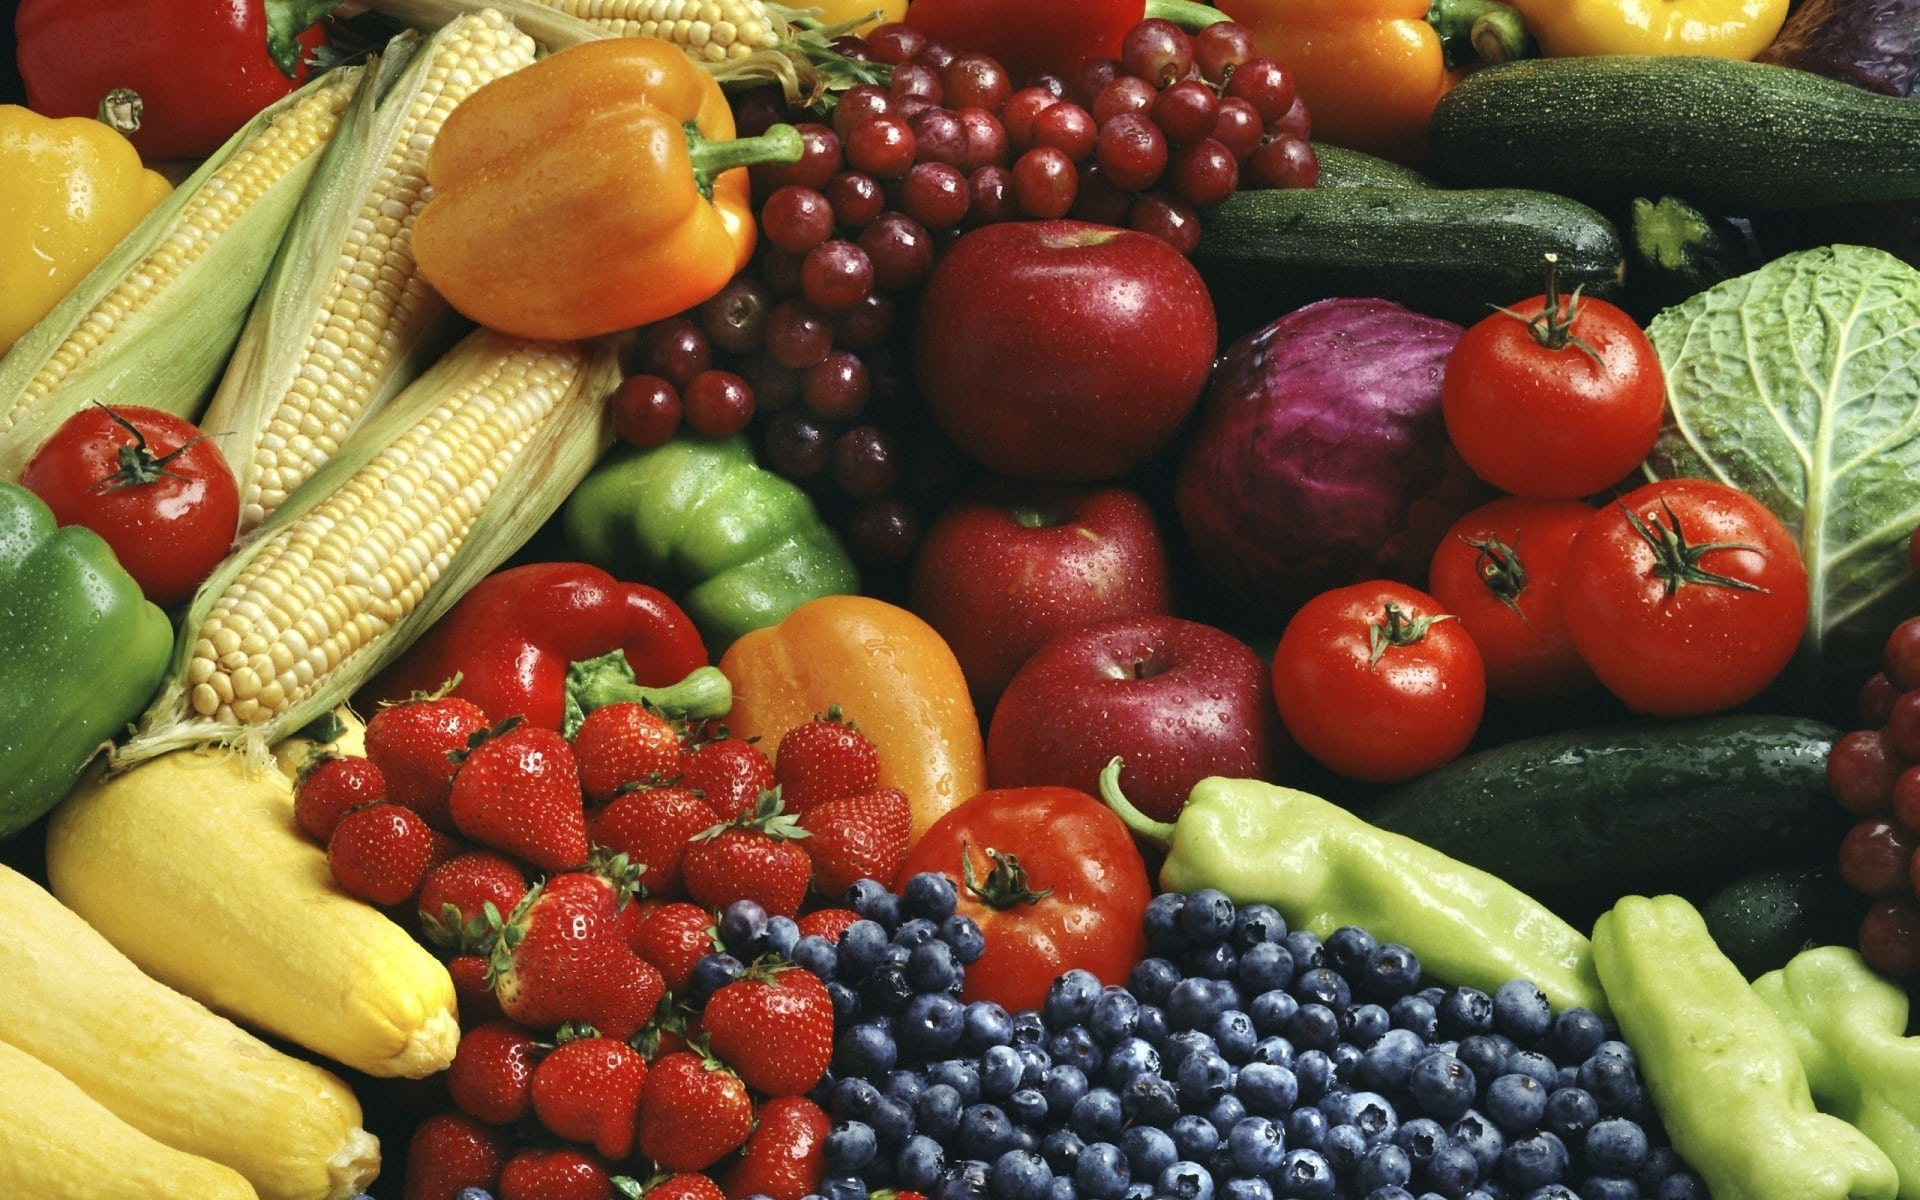 Birleşmiş milletler Gıda ve Tarım Örgütü (FAO) verilerine göre, dünyadaki yaş meyve ve sebze üretiminin toplam değeri 370 milyar Euro'ya ulaştı.